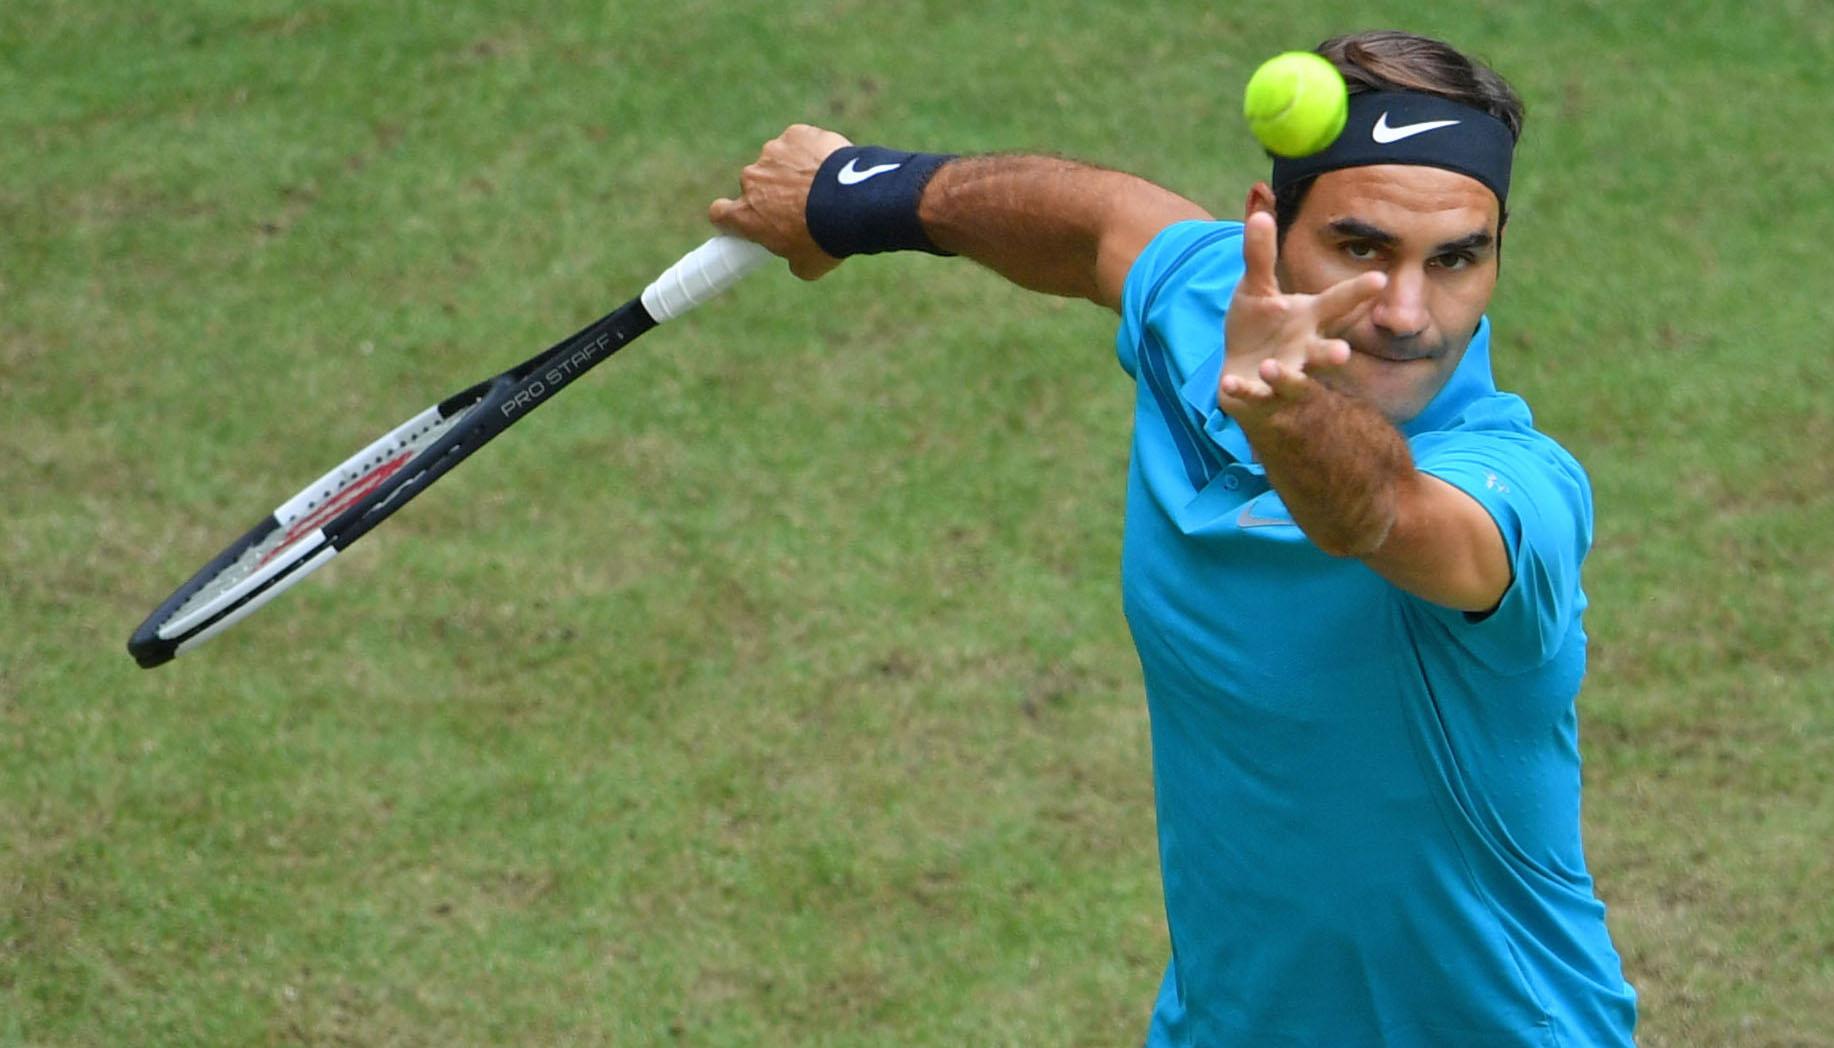 Der Weg von Roger Federer in Halle könnte steinig werden